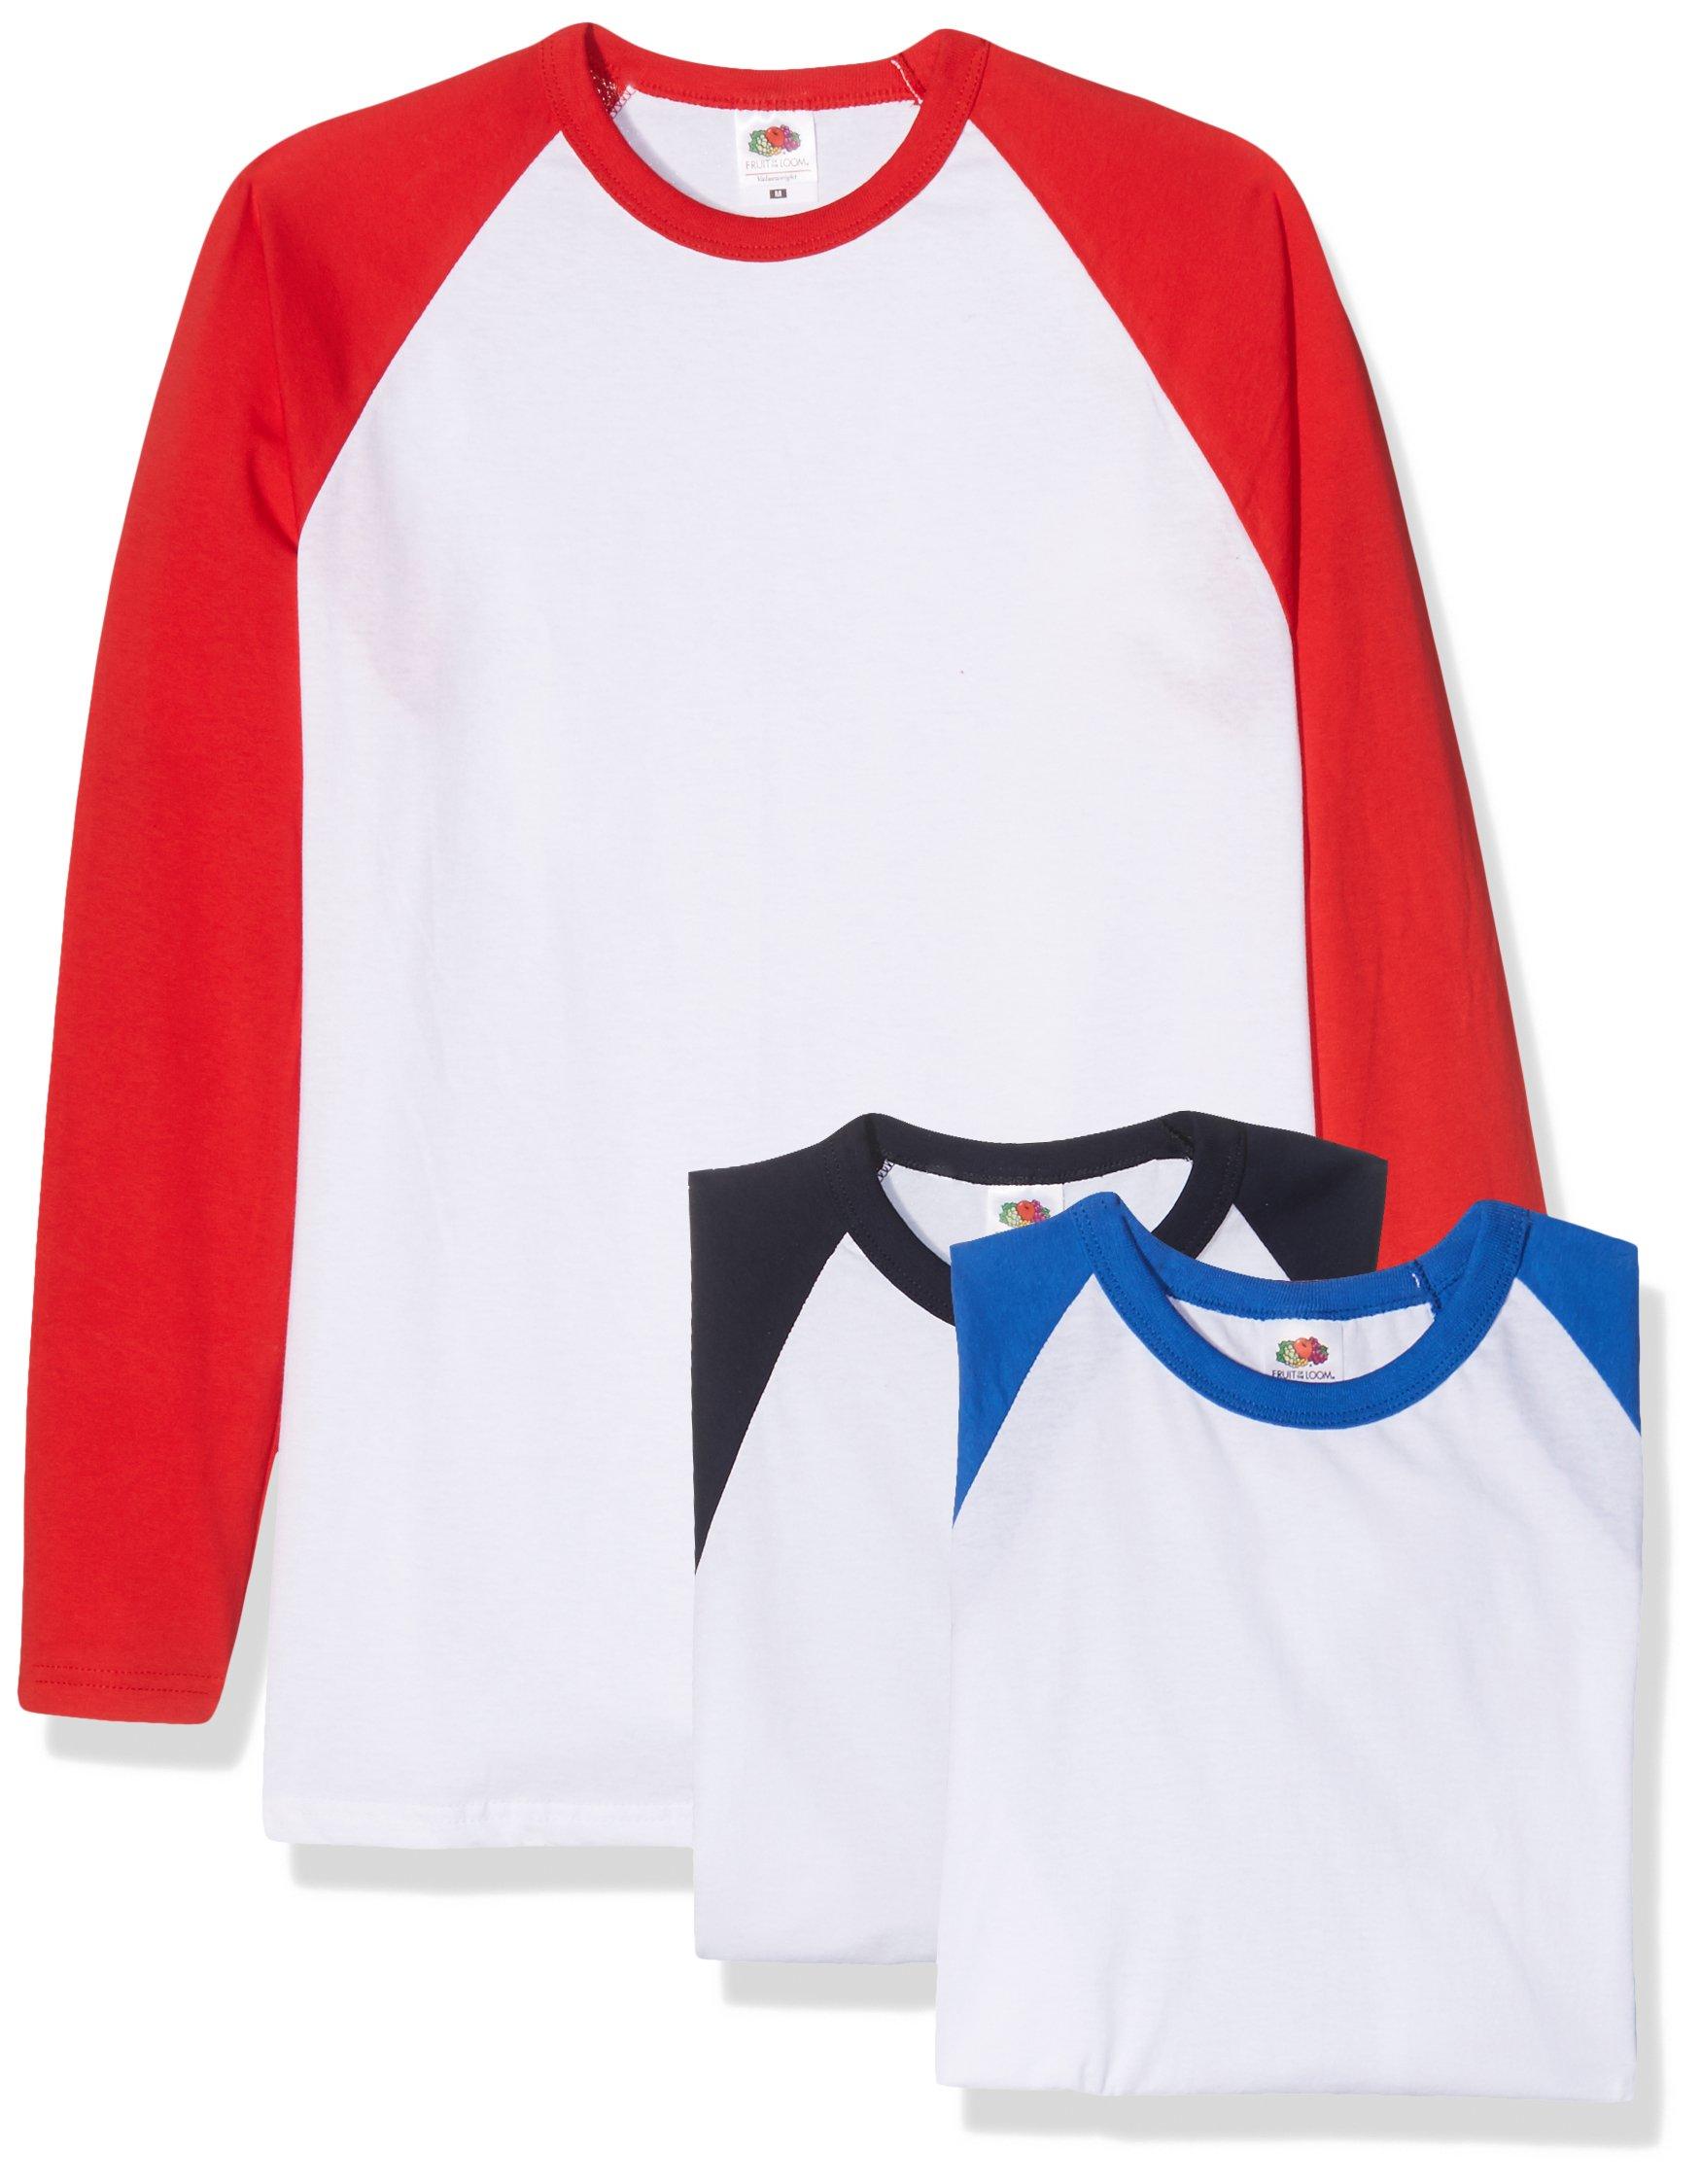 e23e5a73f Mejor valorados en Camisetas y polos para hombre   Opiniones útiles ...